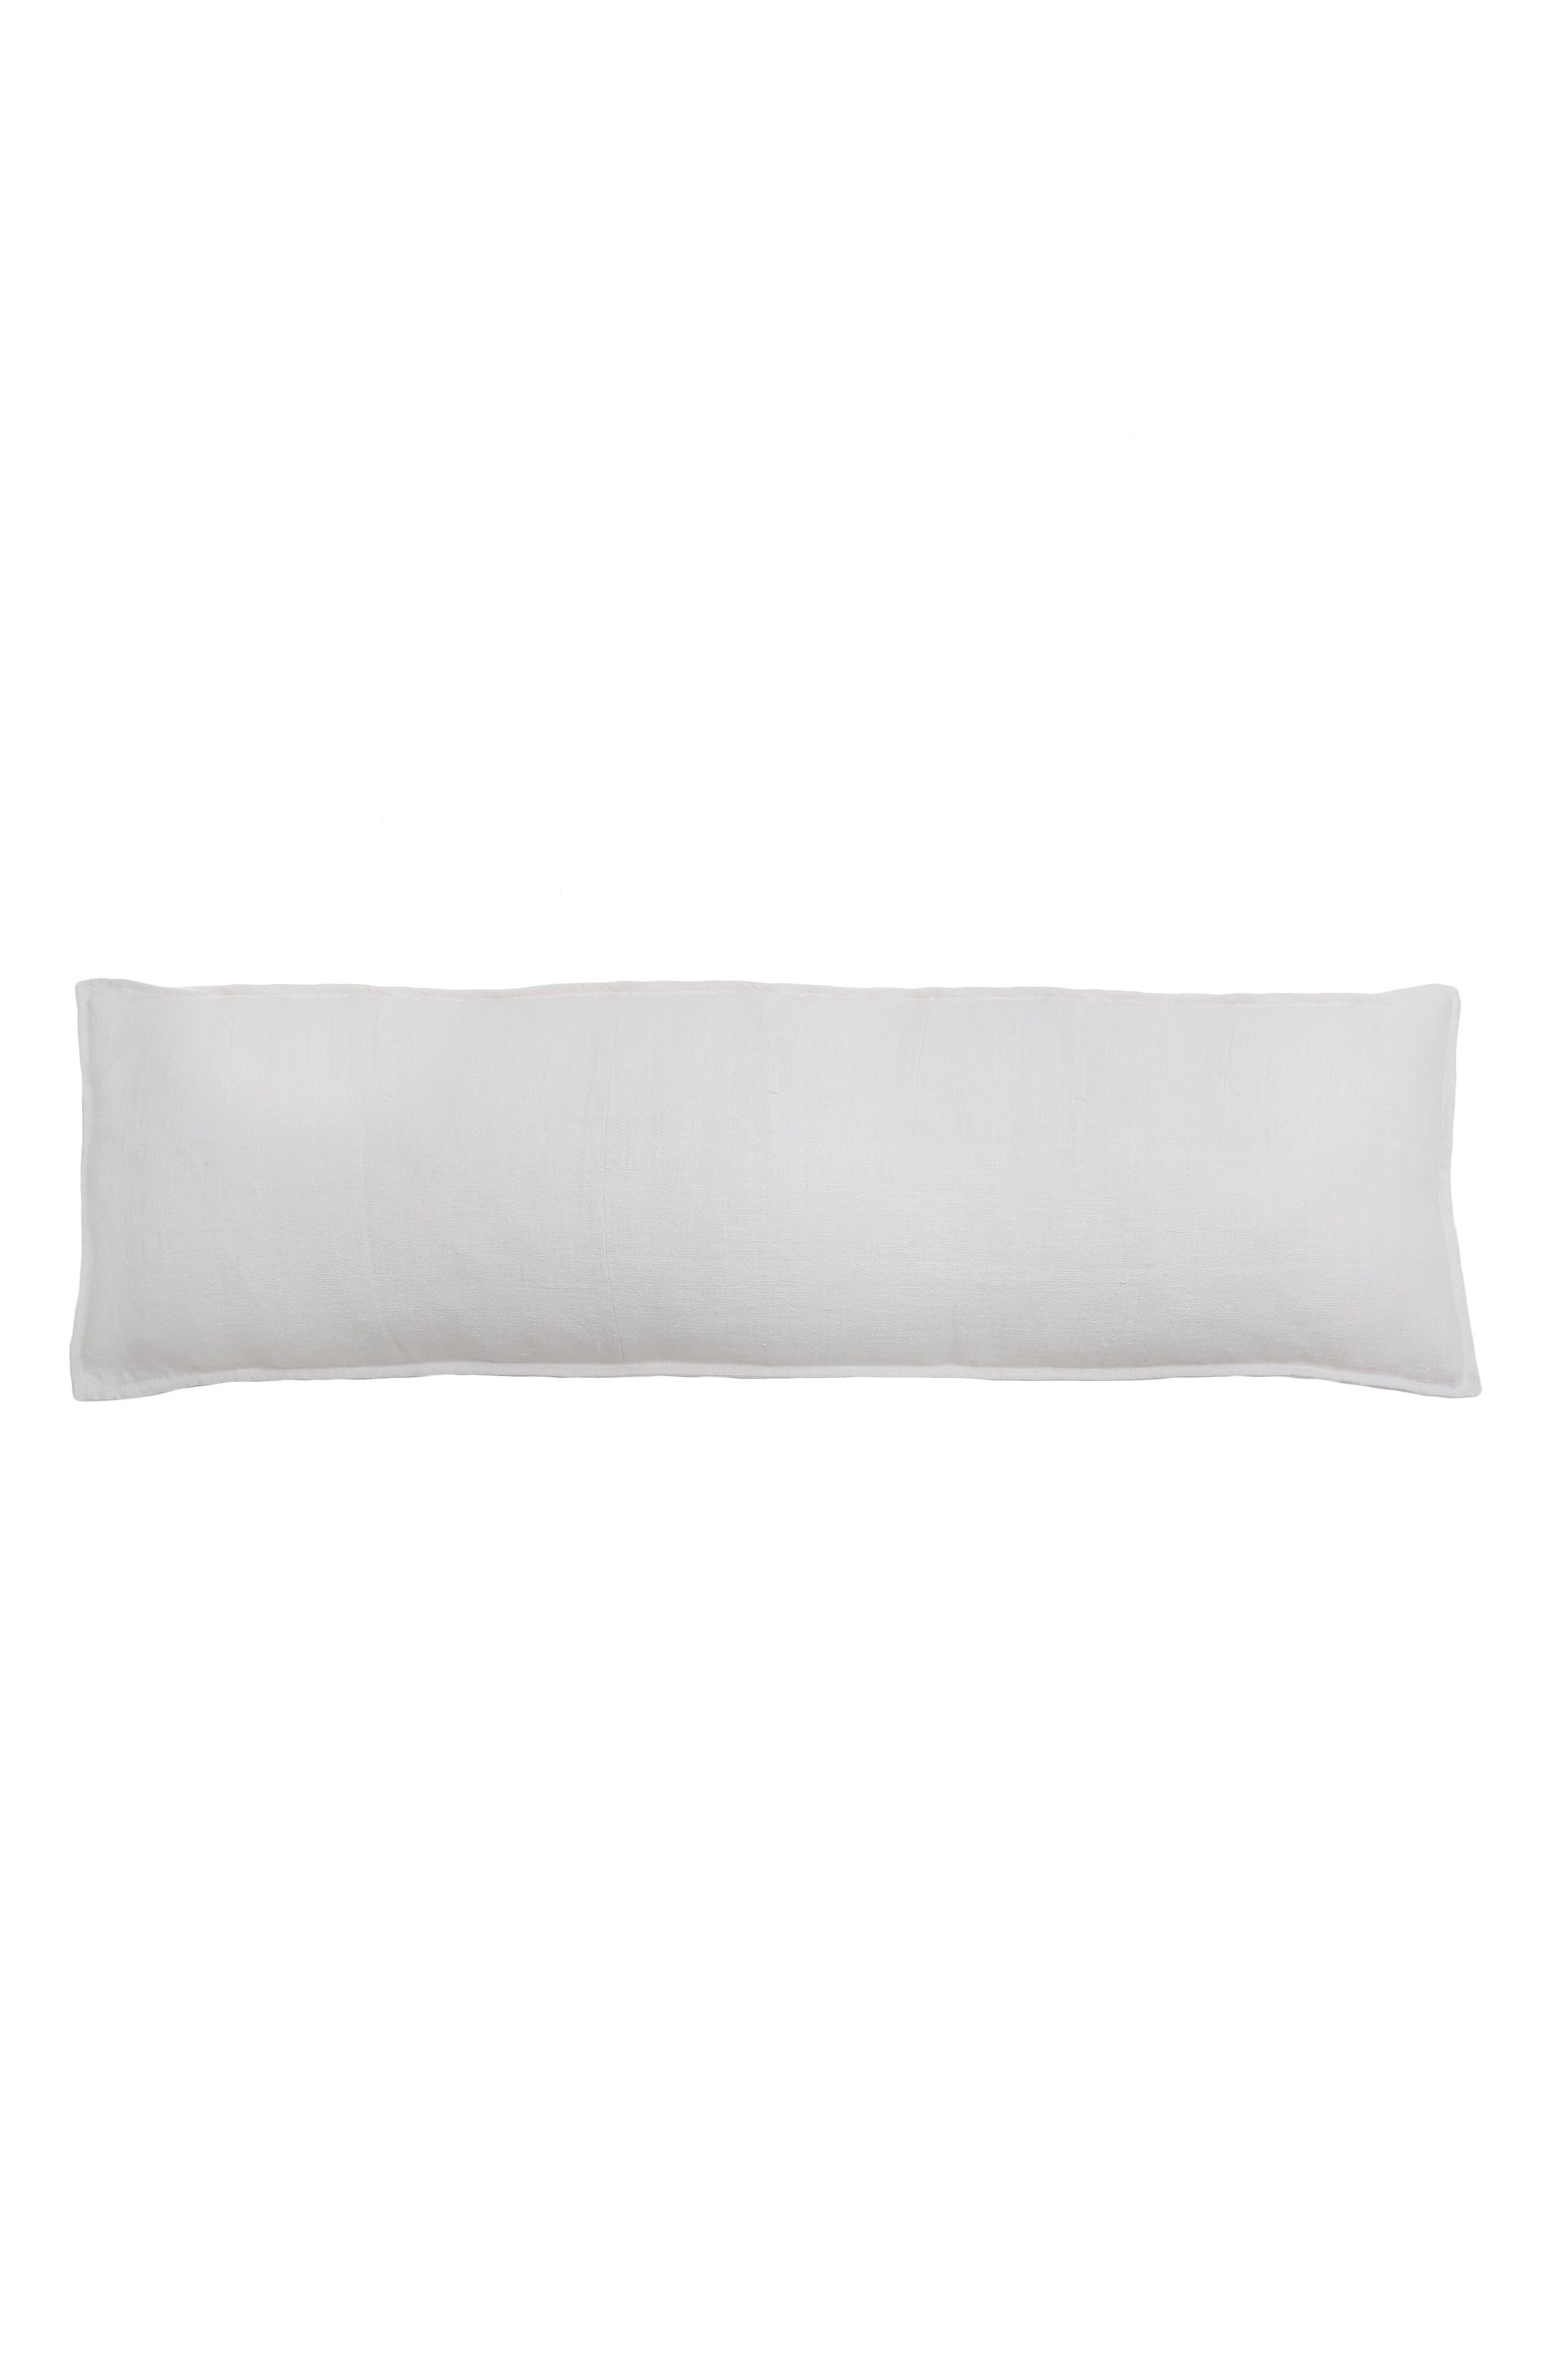 POM POM AT HOME Montauk Body Pillow, Main, color, WHITE